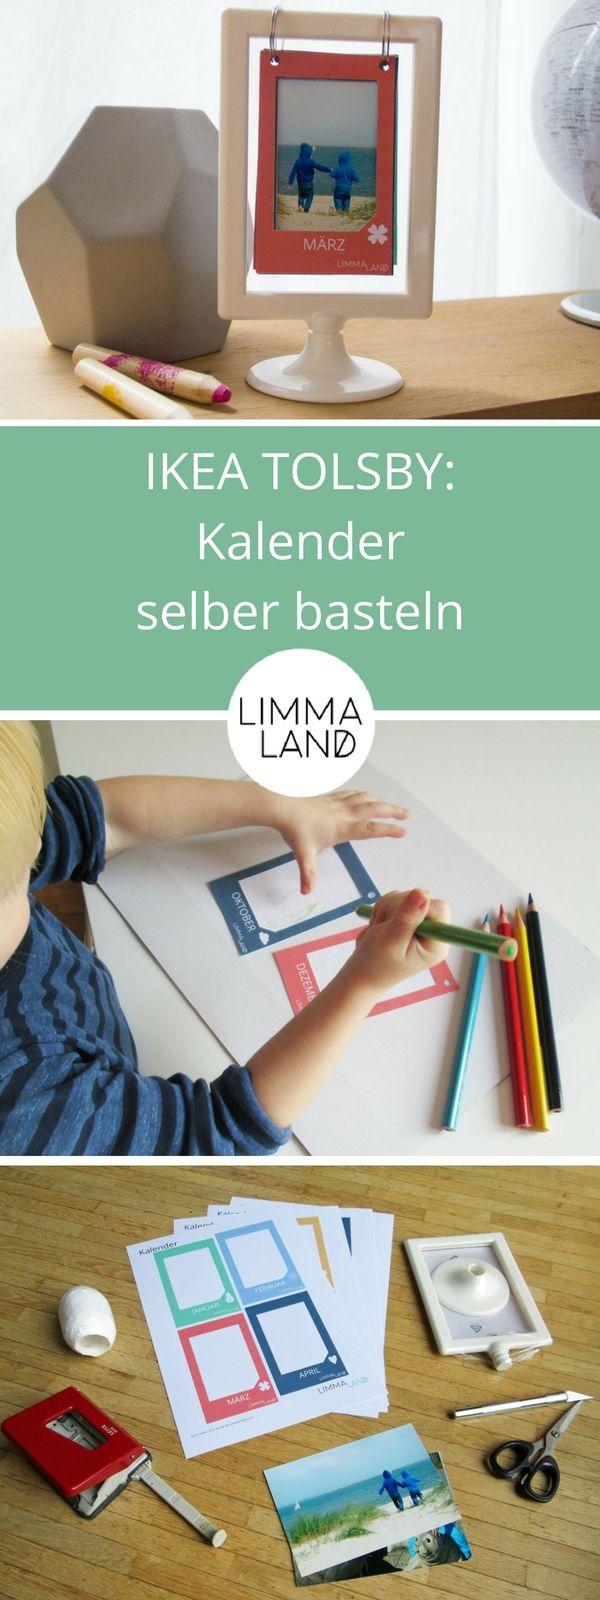 IKEA Kalender selber basteln – Weihnachtsgeschenk für Großeltern